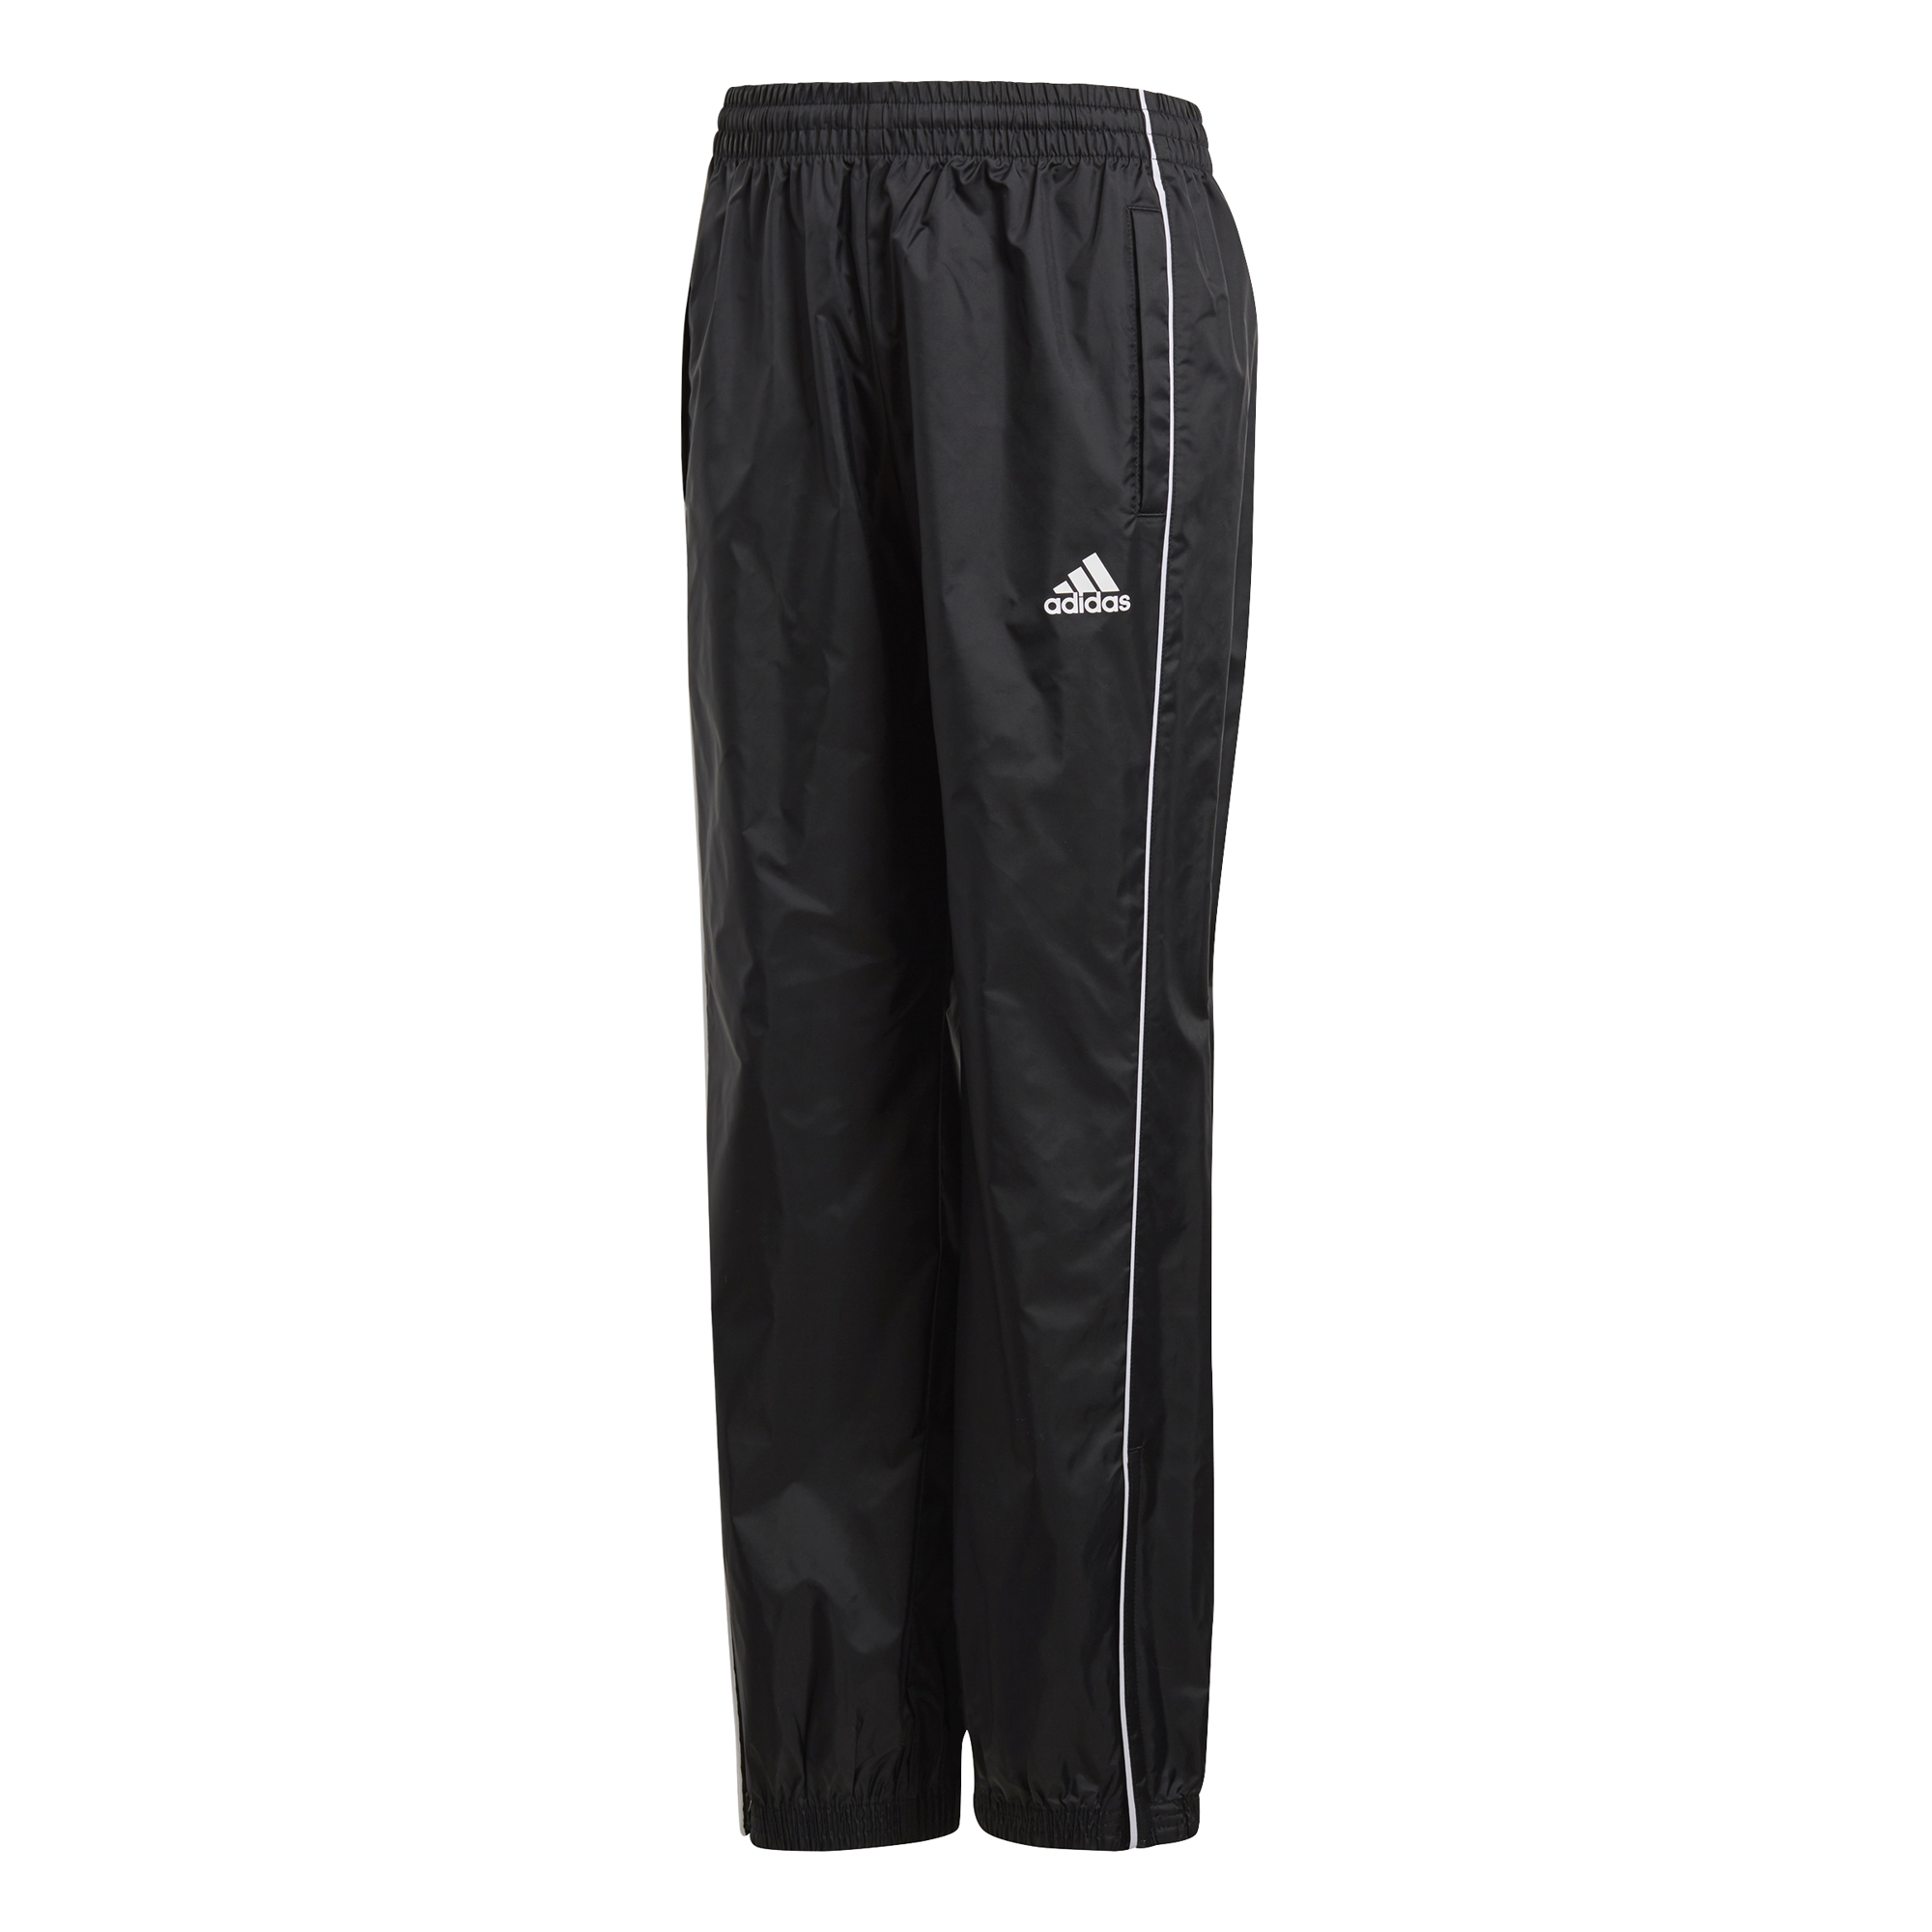 ADIDAS šusťákové kalhoty Core 18 Rain Pant dětské